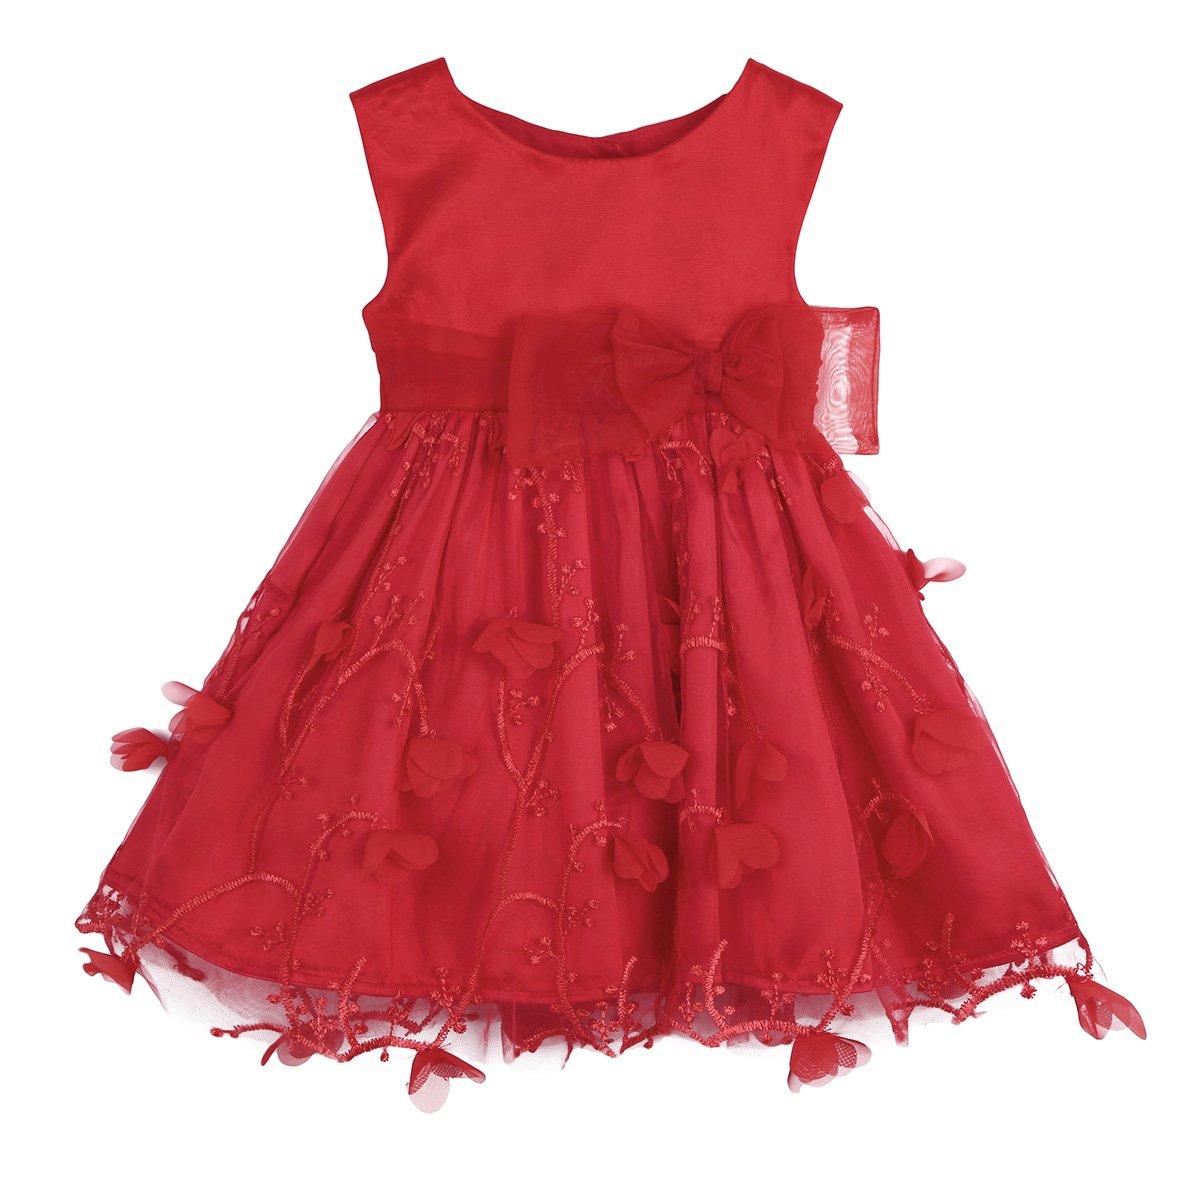 iEFiEL Babykleider Baby Kleider Mädchen Prinzessin Taufkleid Hochzeit festliche Kleider 62 68 74 80 86 92